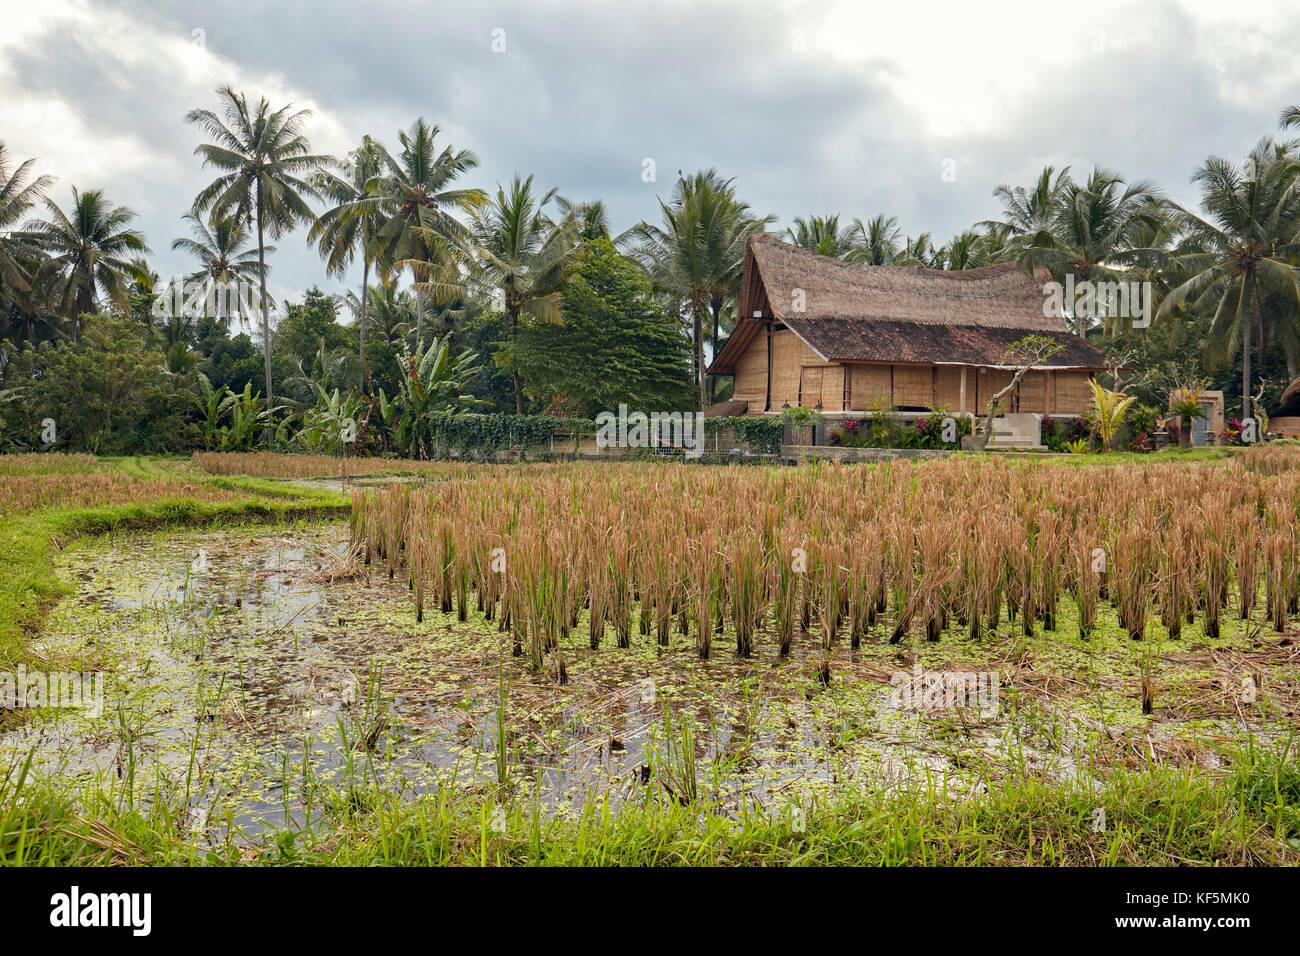 La risaia. kajeng campi di riso, ubud. Bali, Indonesia. Immagini Stock